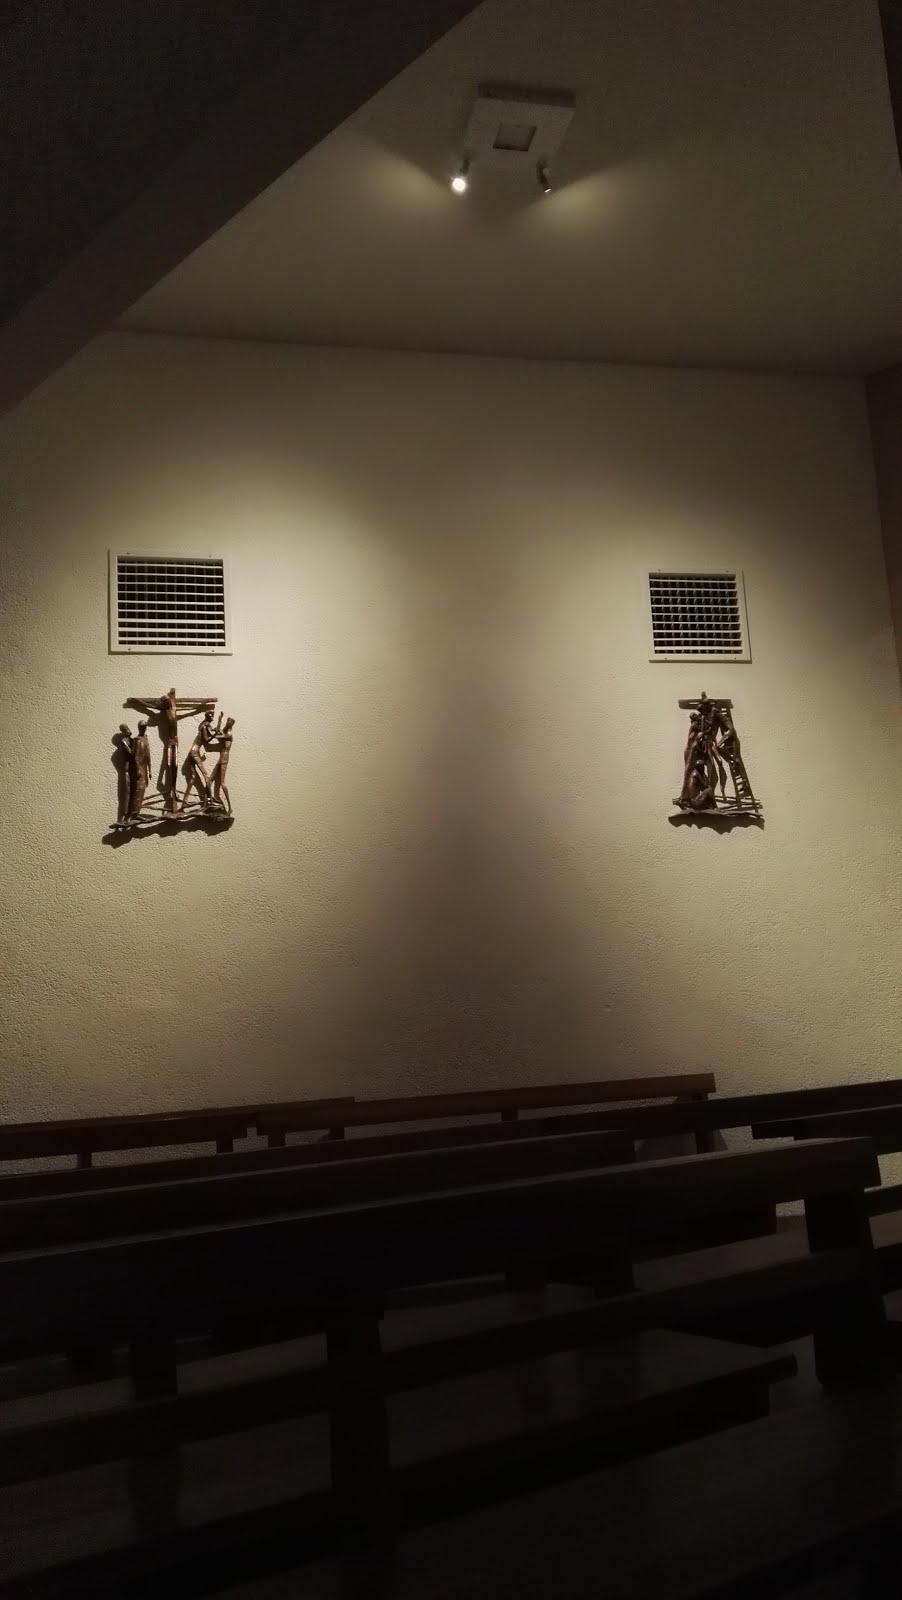 Illuminazione led casa tempio immacolata a ivrea - Illuminazione led casa ...